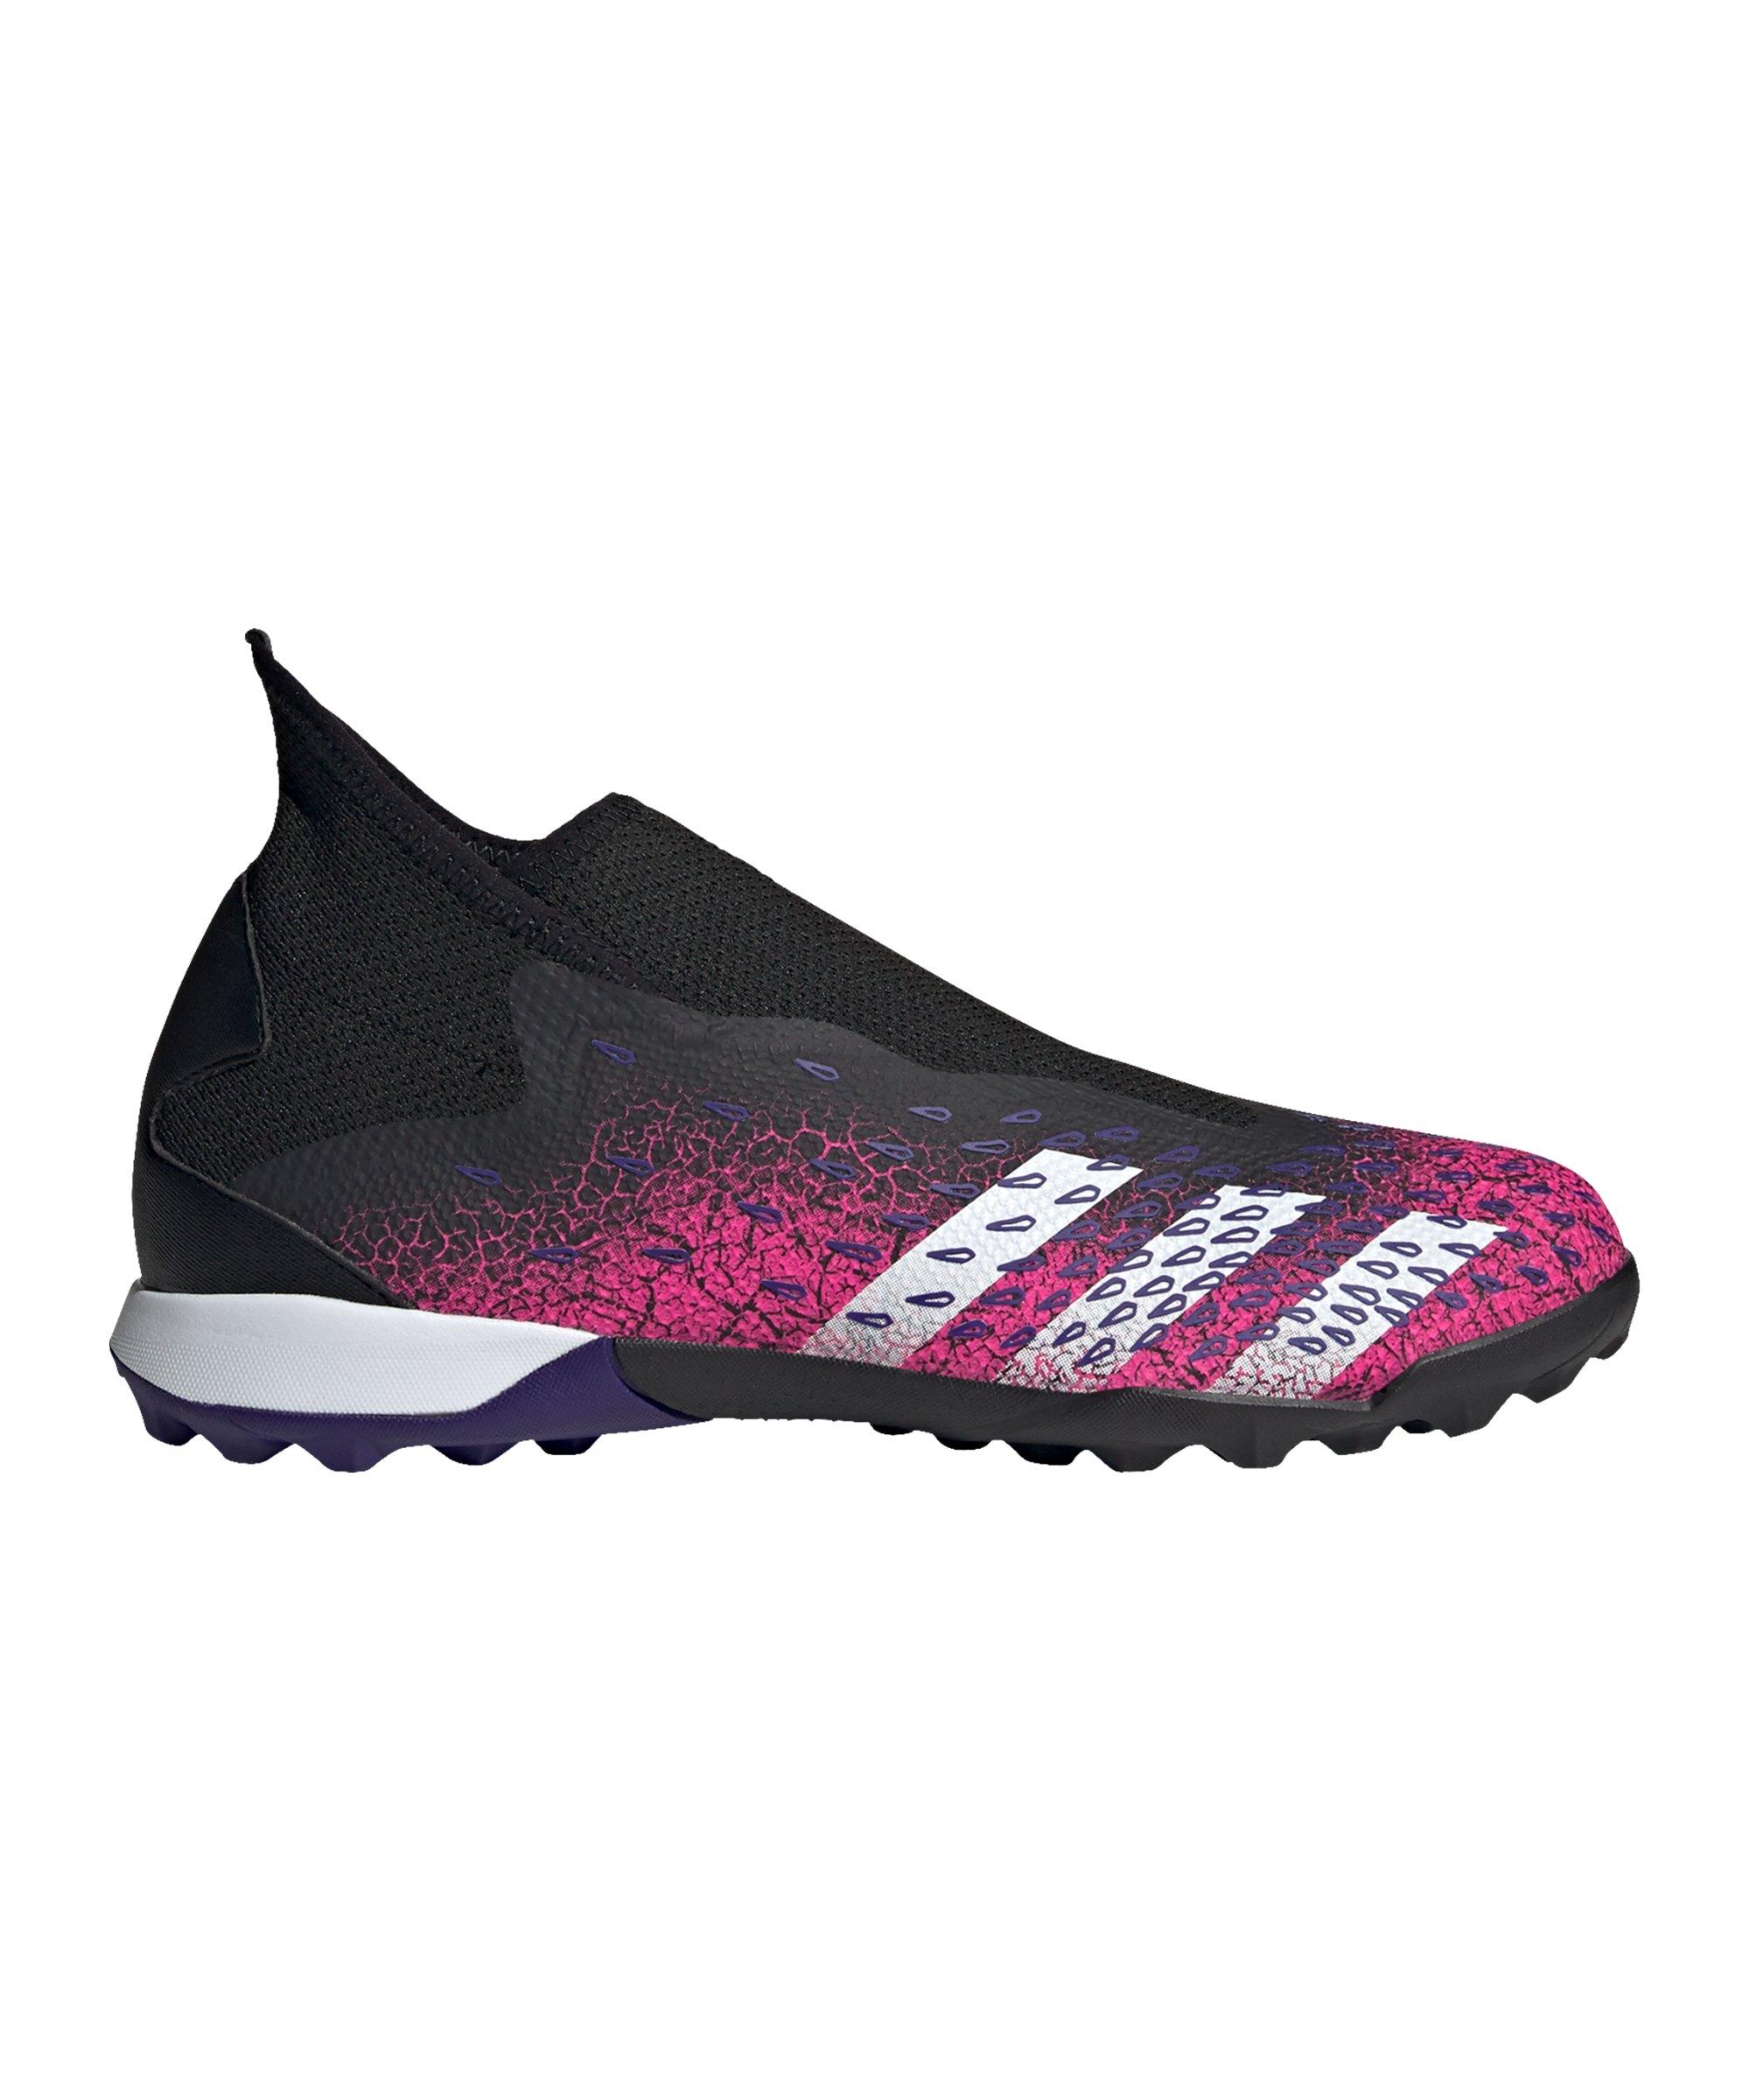 adidas Predator FREAK.3 LL TF Superspectral Schwarz Weiss Pink - schwarz